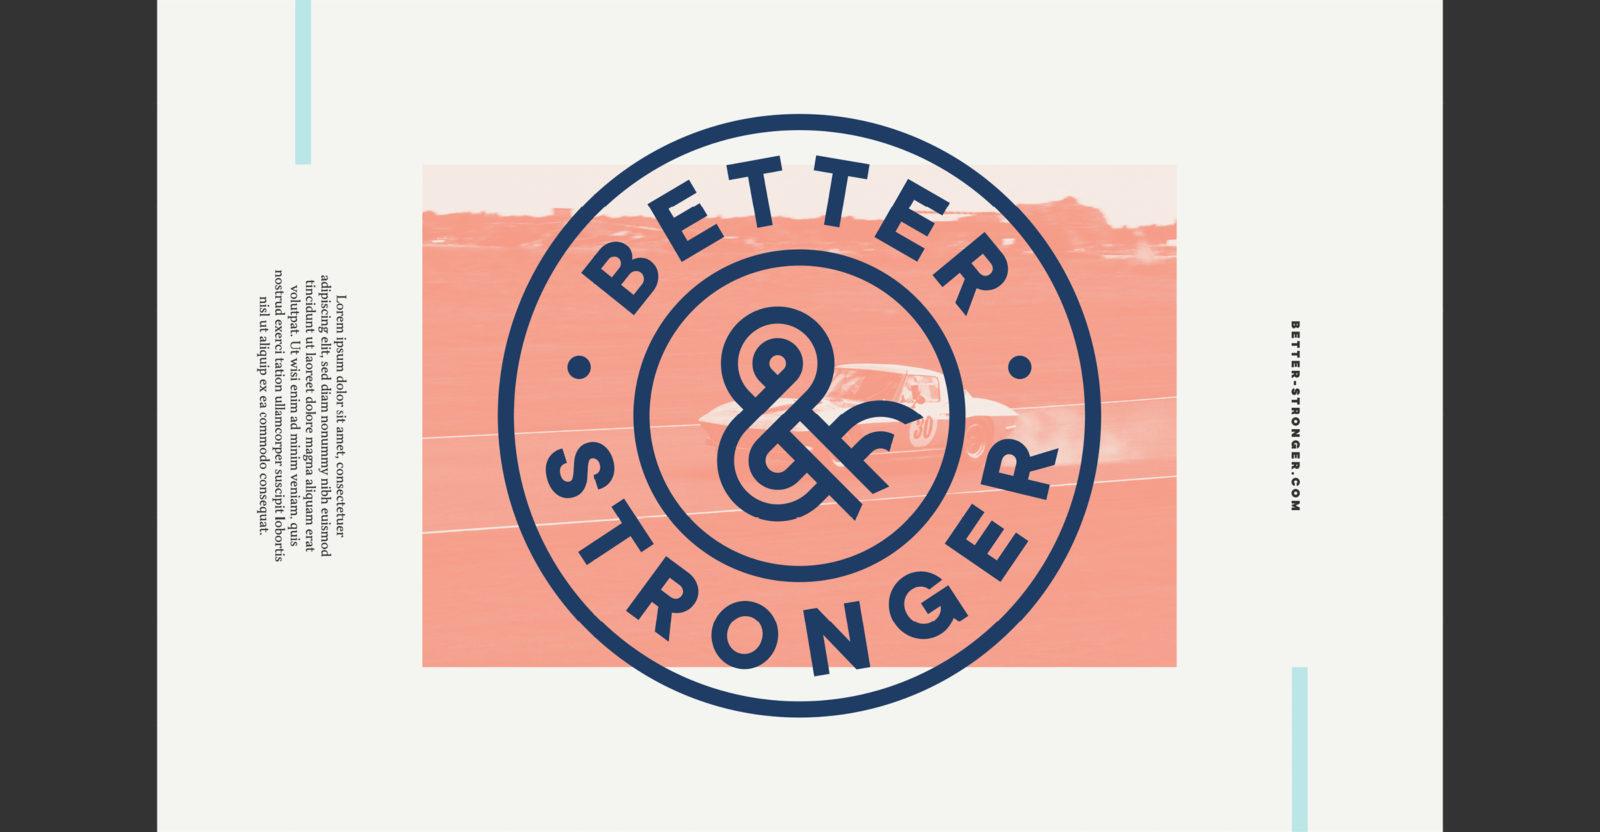 Better & Stronger